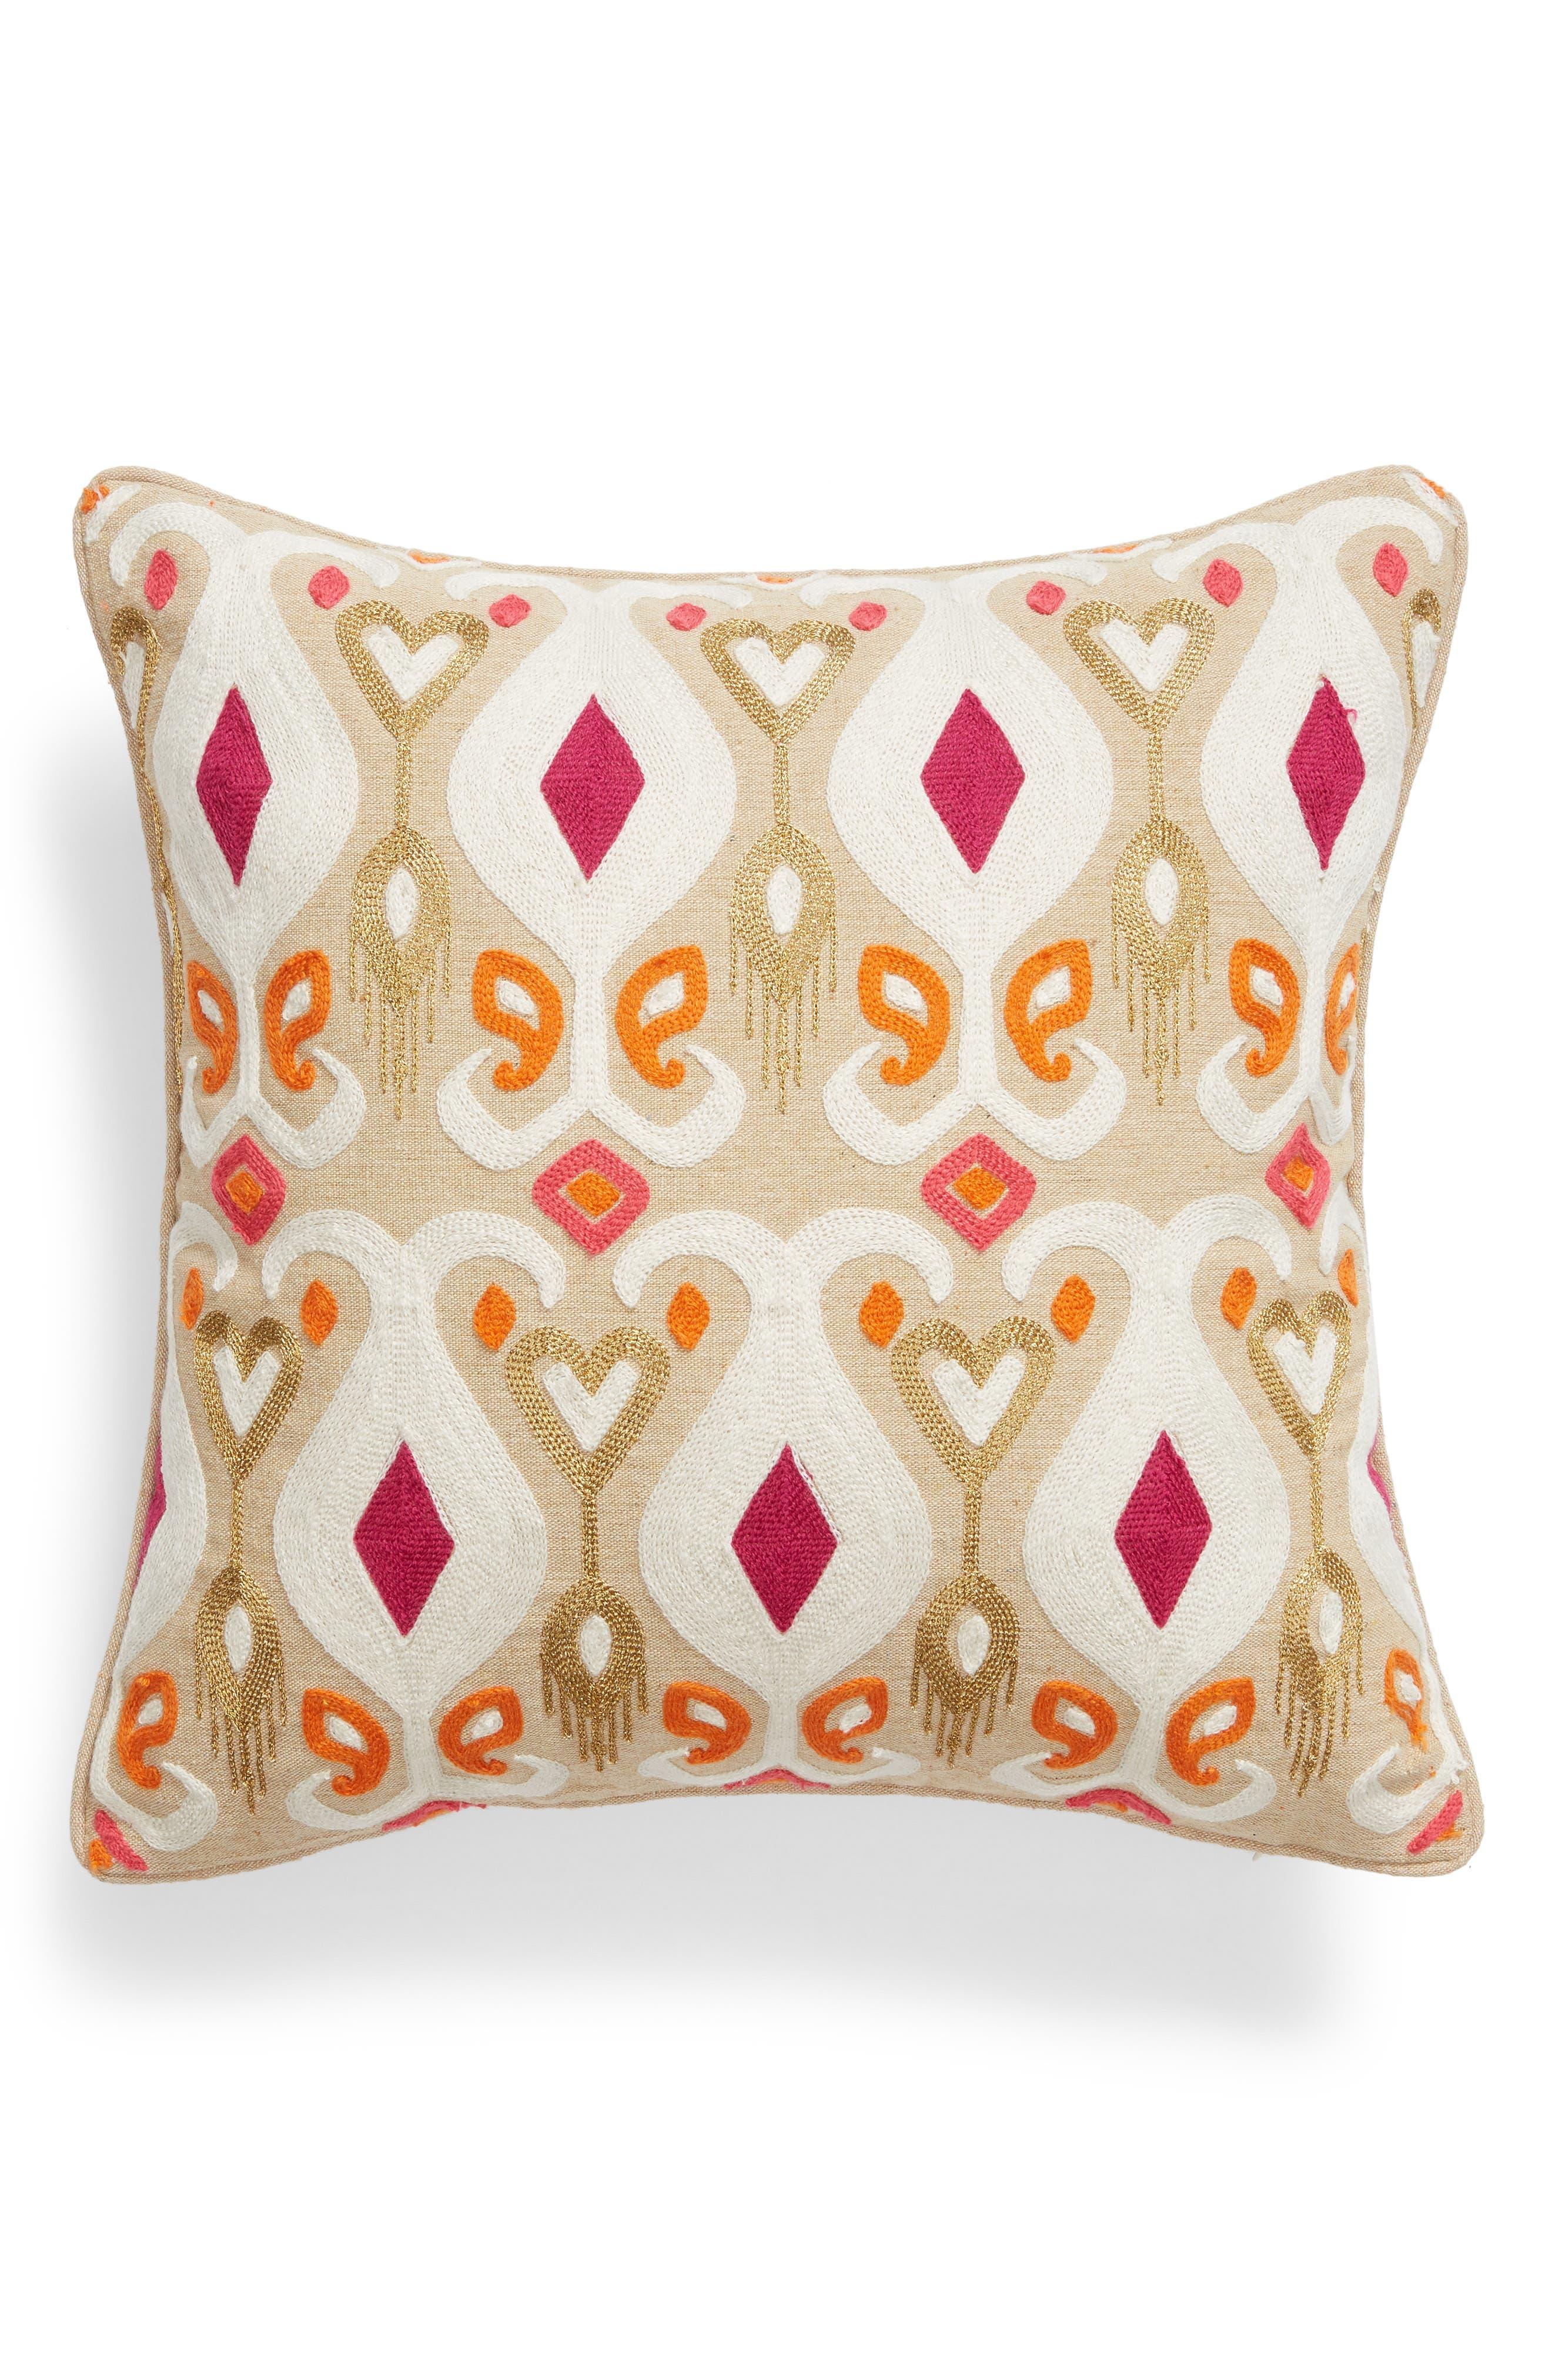 Saffron Crewel Stitch Accent Pillow,                         Main,                         color, 251